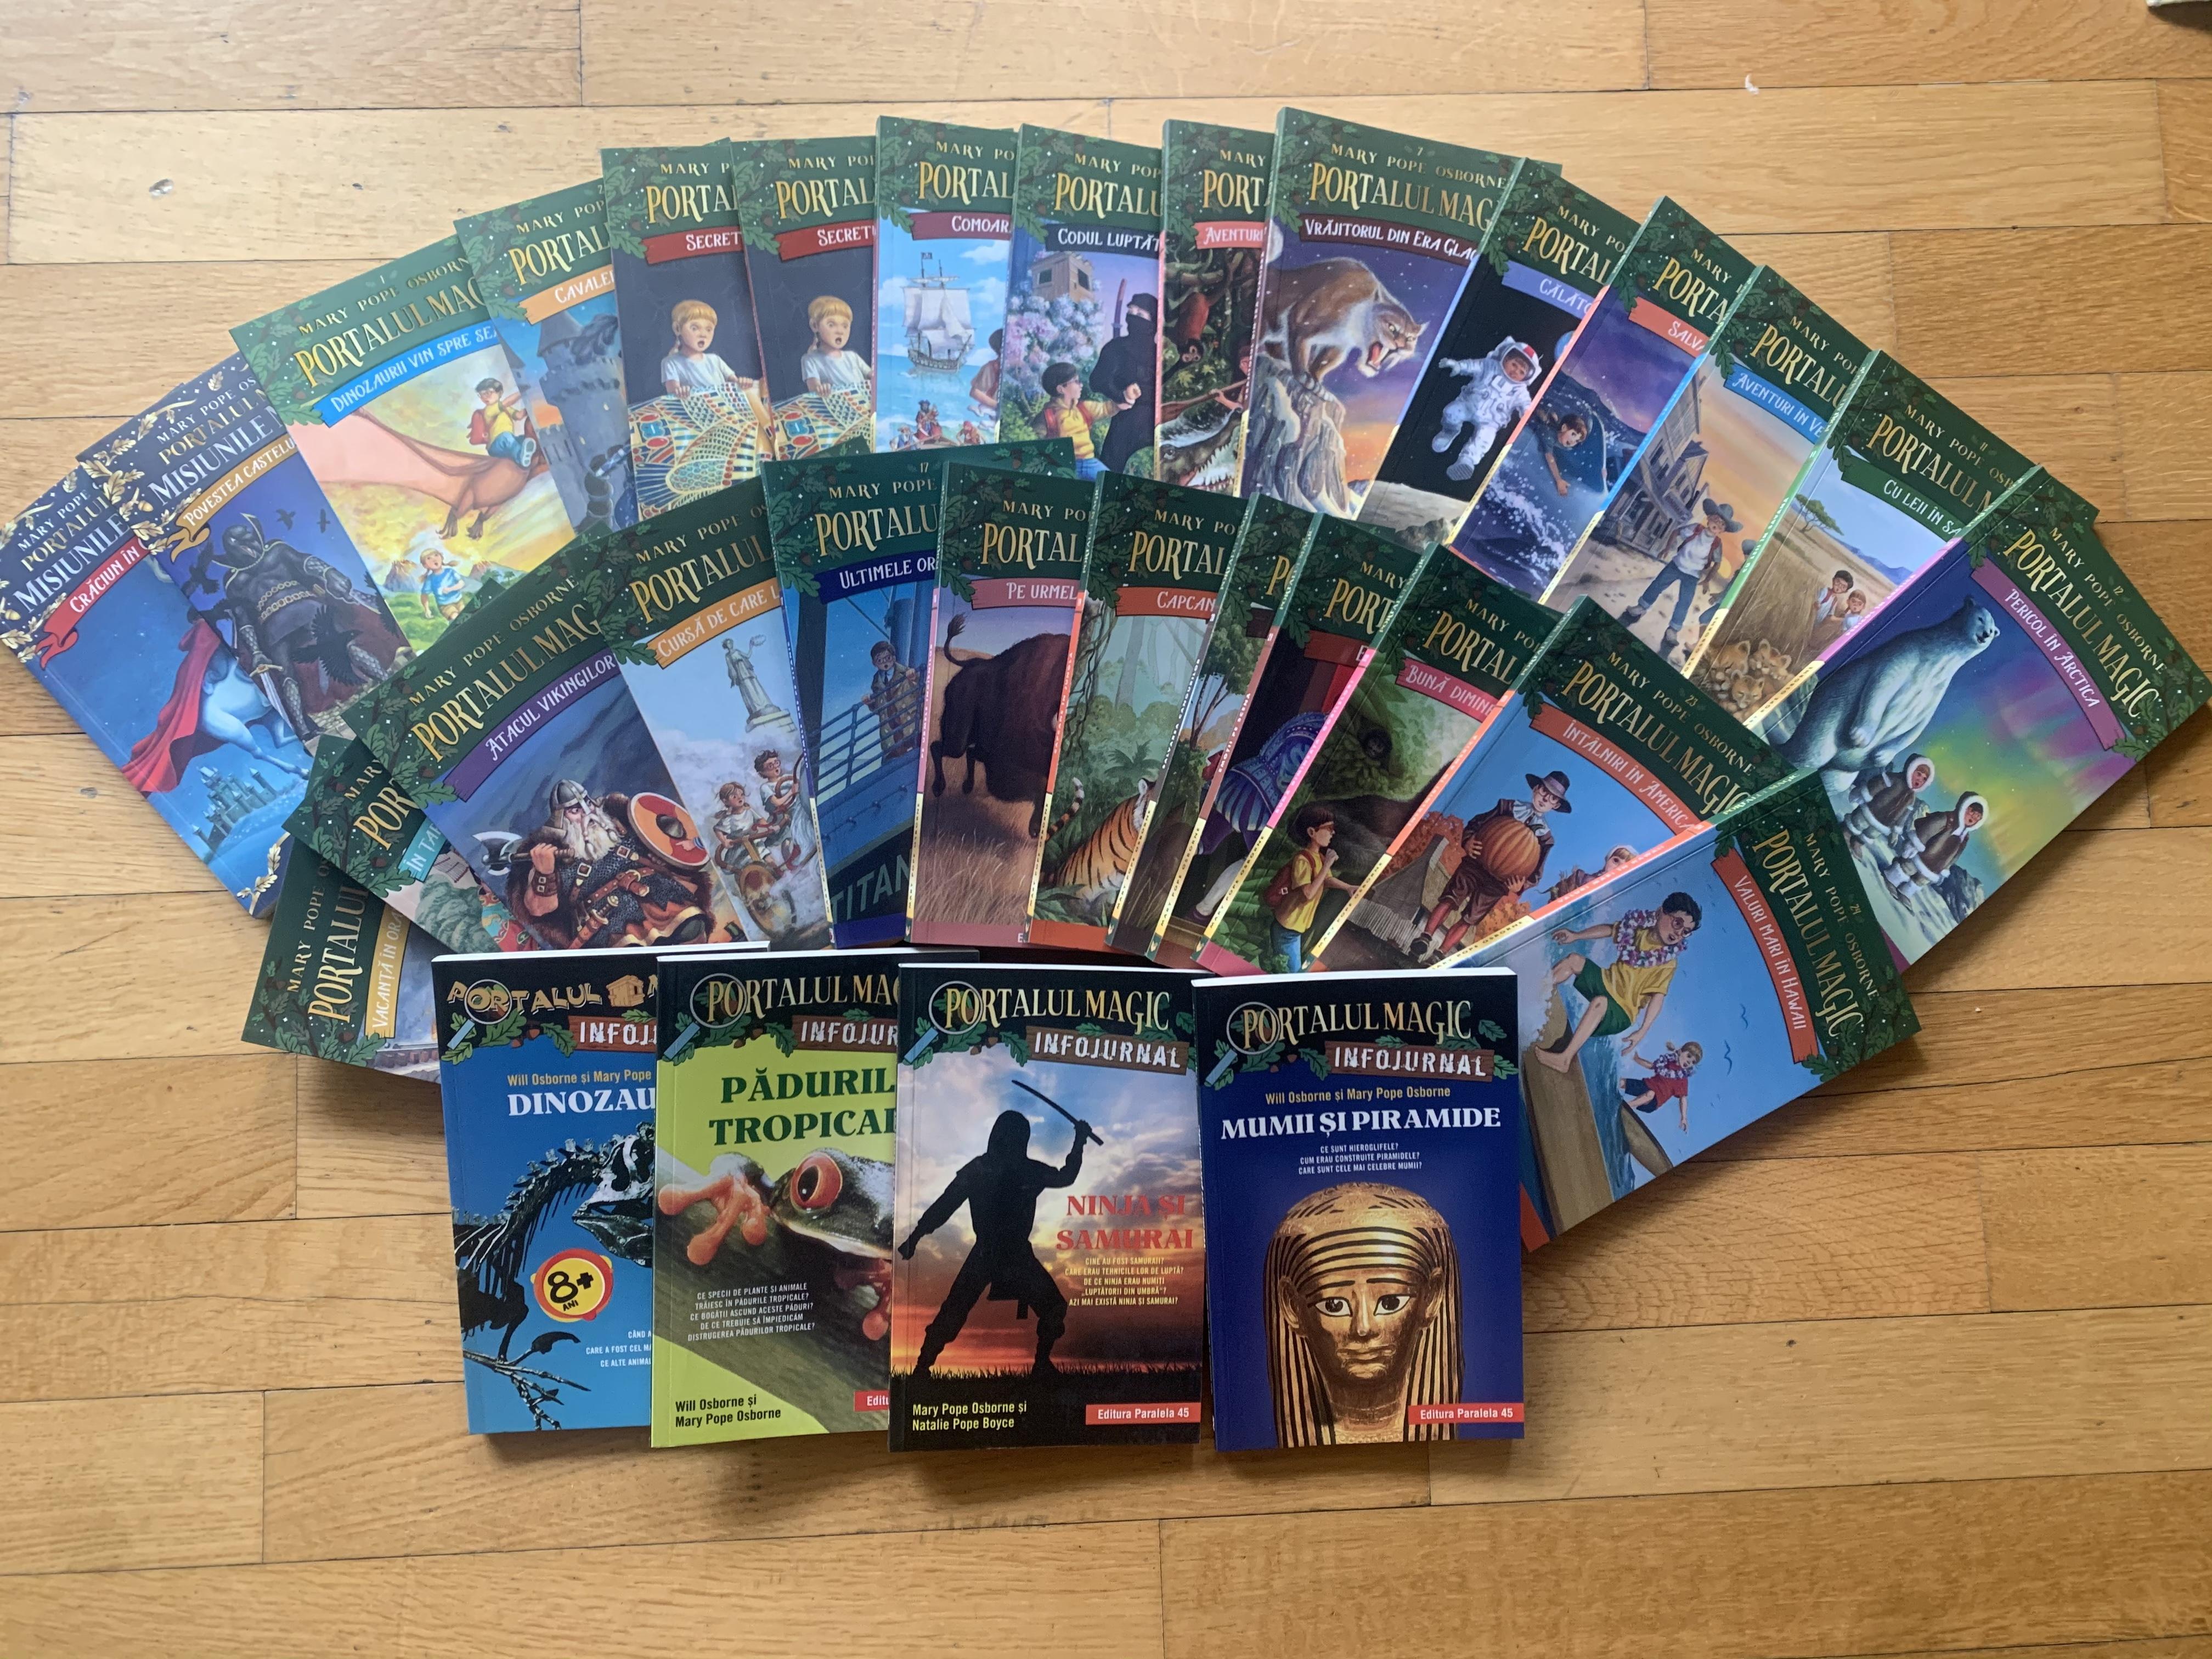 Carti de citit pentru copii - Seria Portalul magic